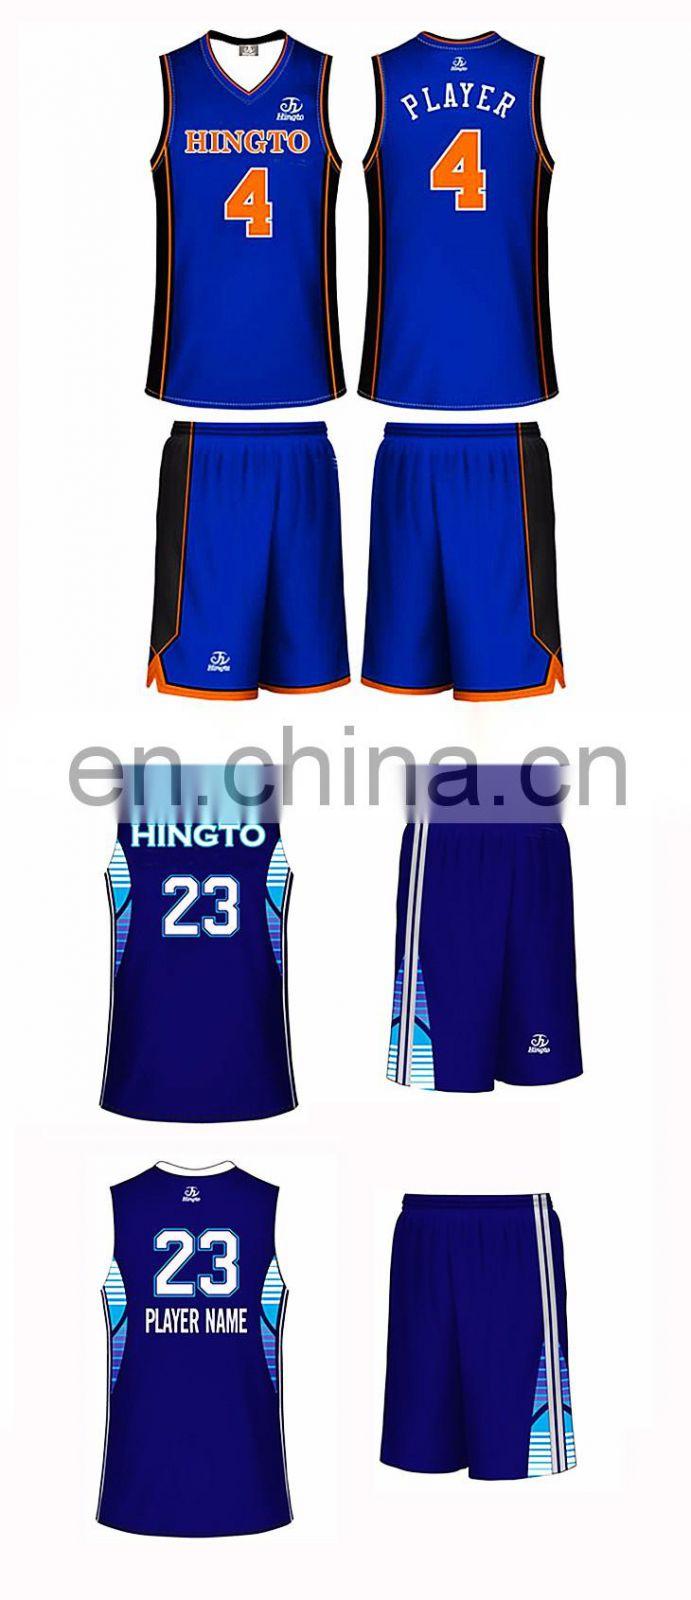 45a1d0d5395 Customized printing basketball jersey new design men's basketball jersey  manufacturer